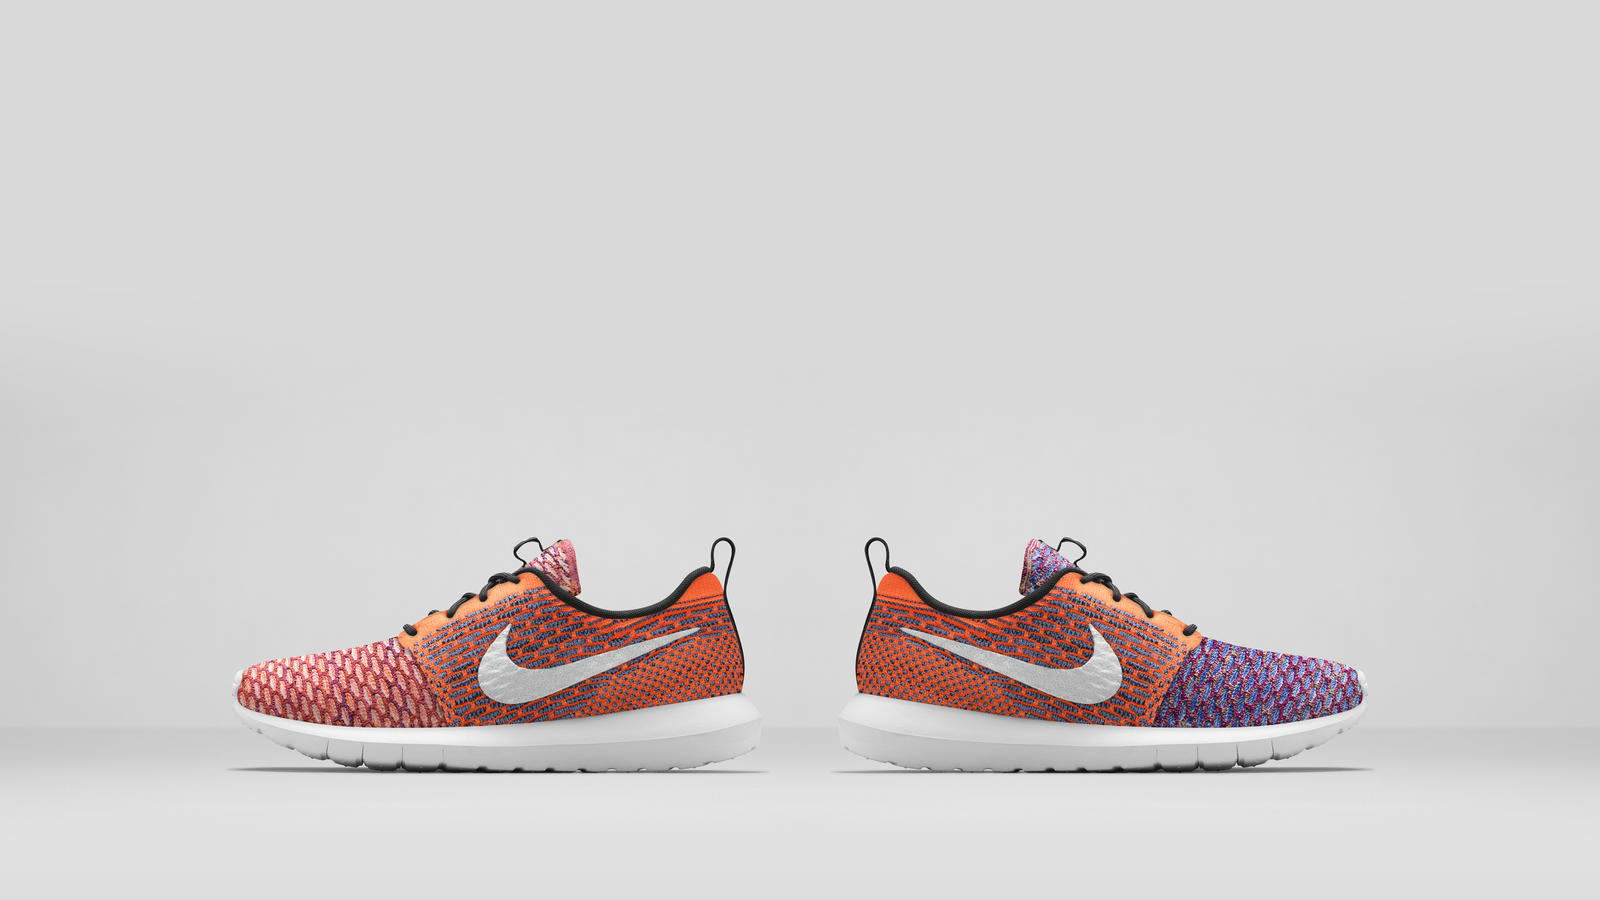 The Nike Roshe Flyknit Reimagined